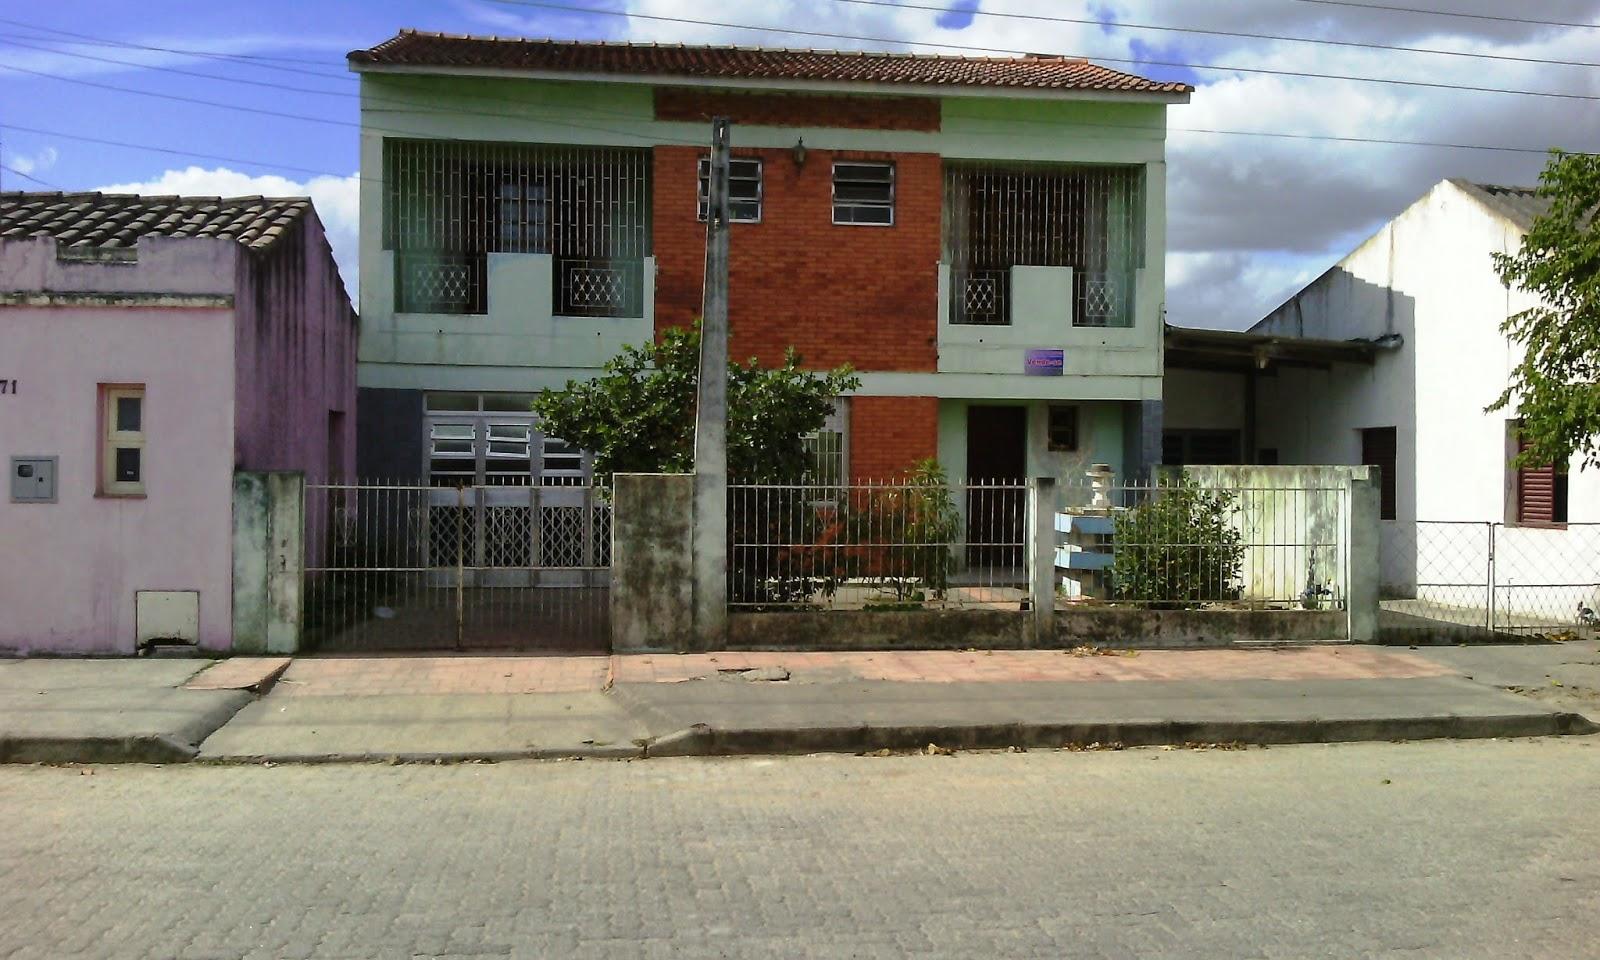 Lavanderia área de Serviço Escritorio Garagem e Sacada Valor R$280 #2746A4 1600 960